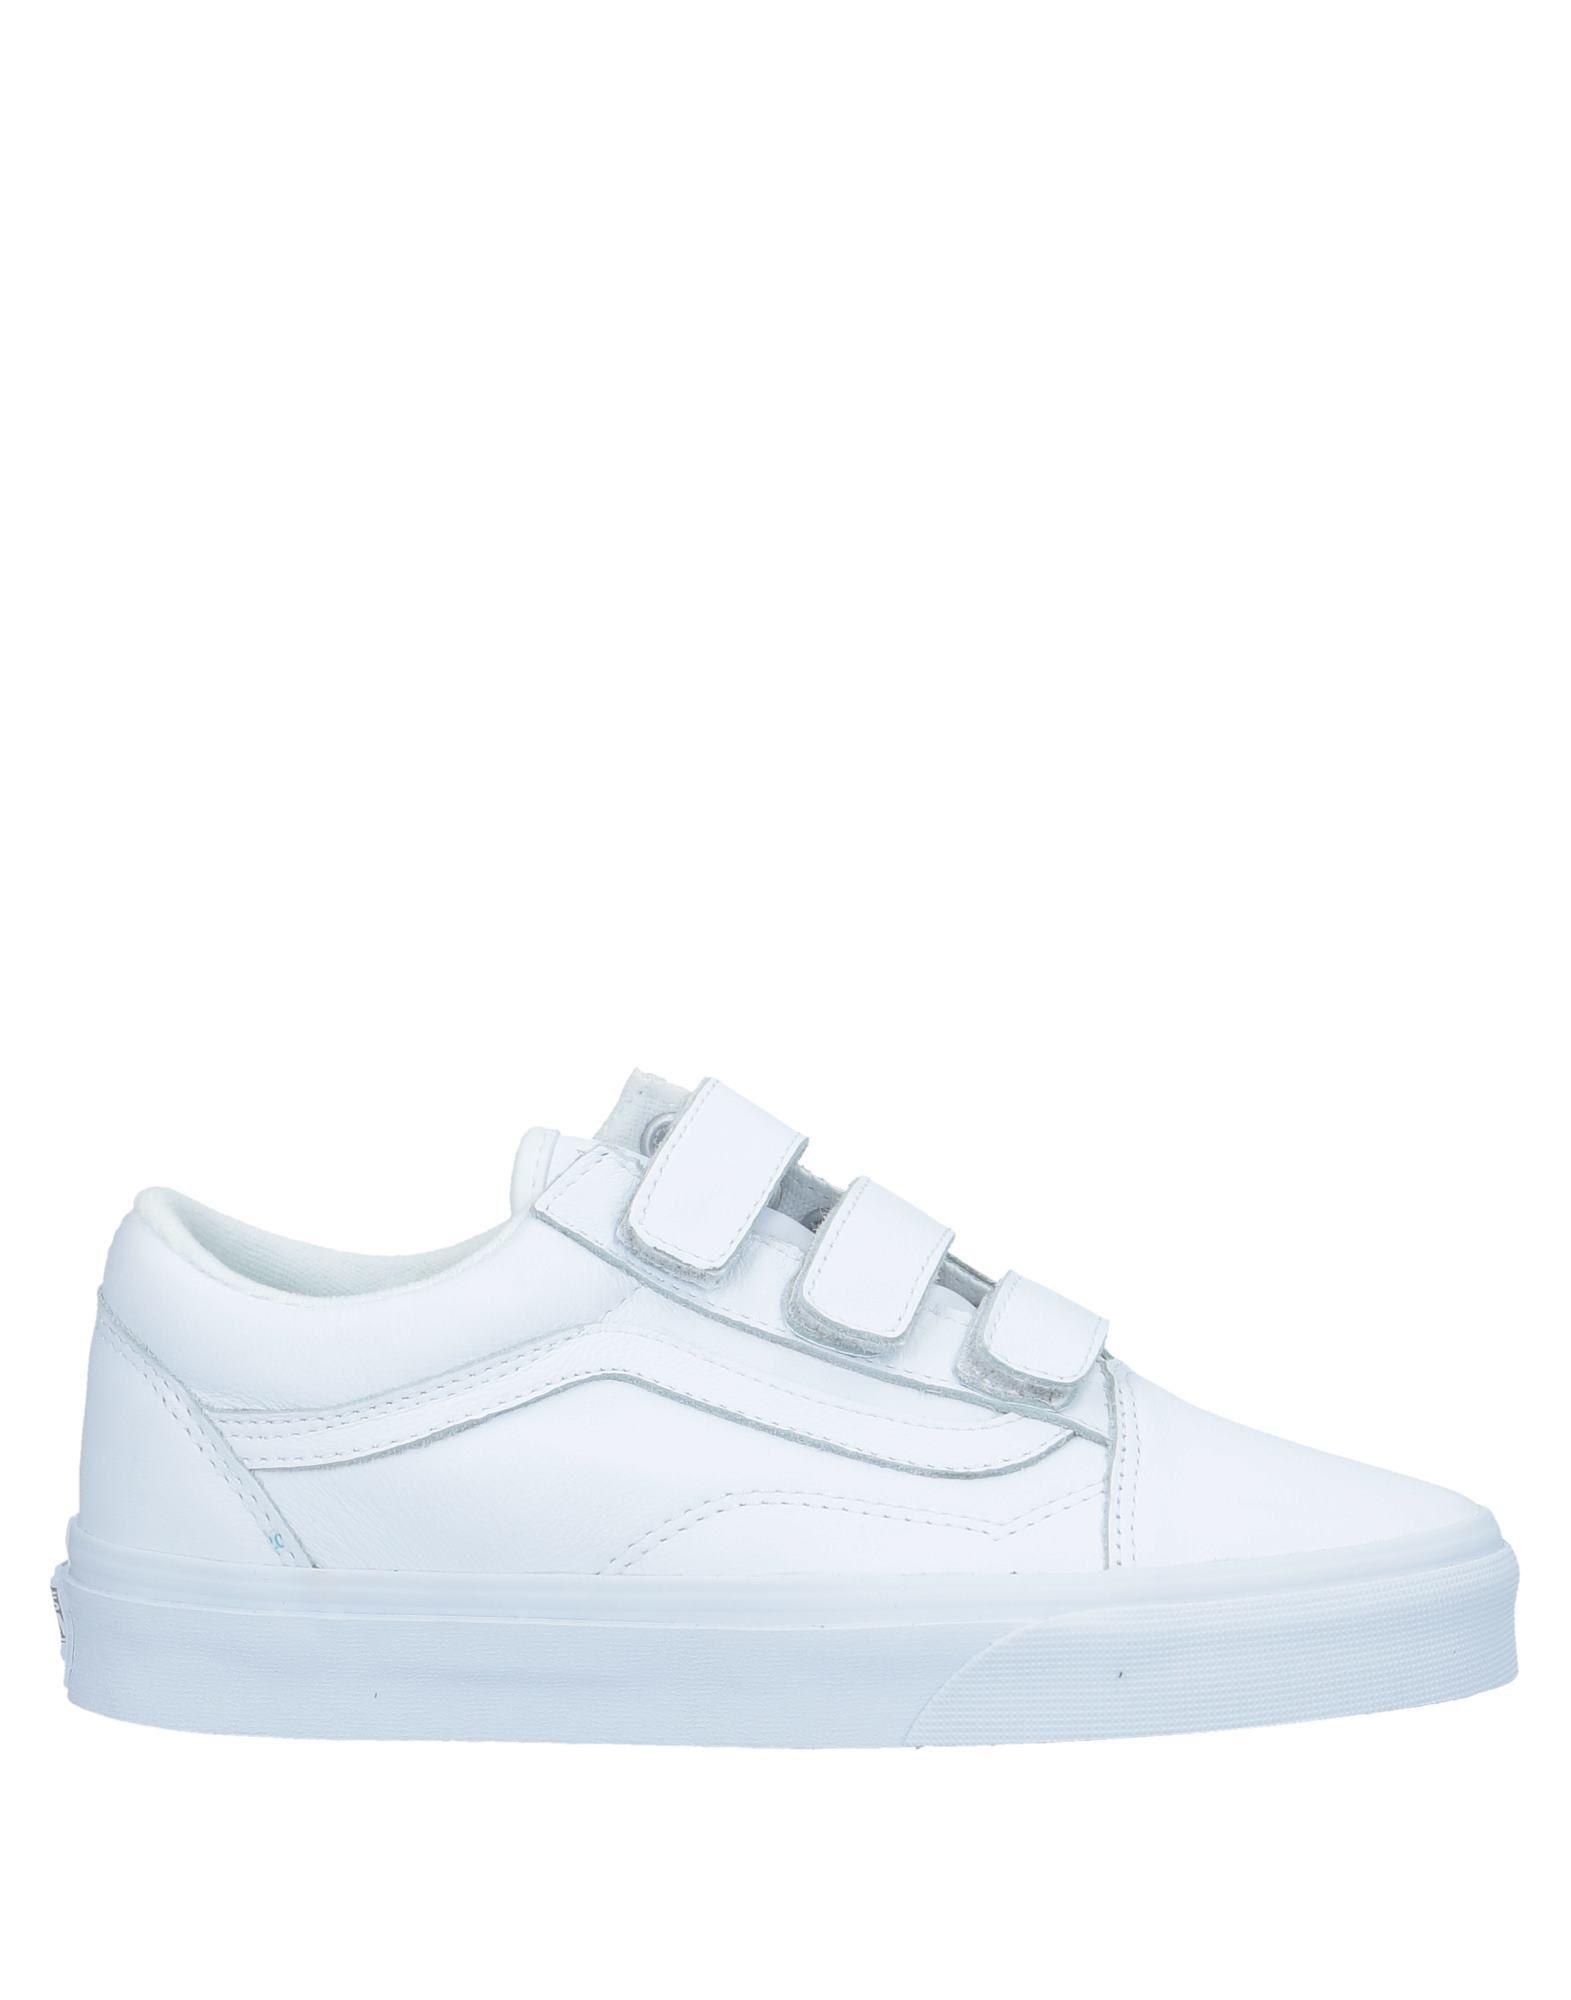 Vans Sneakers Damen  11508594FR Gute Qualität beliebte Schuhe